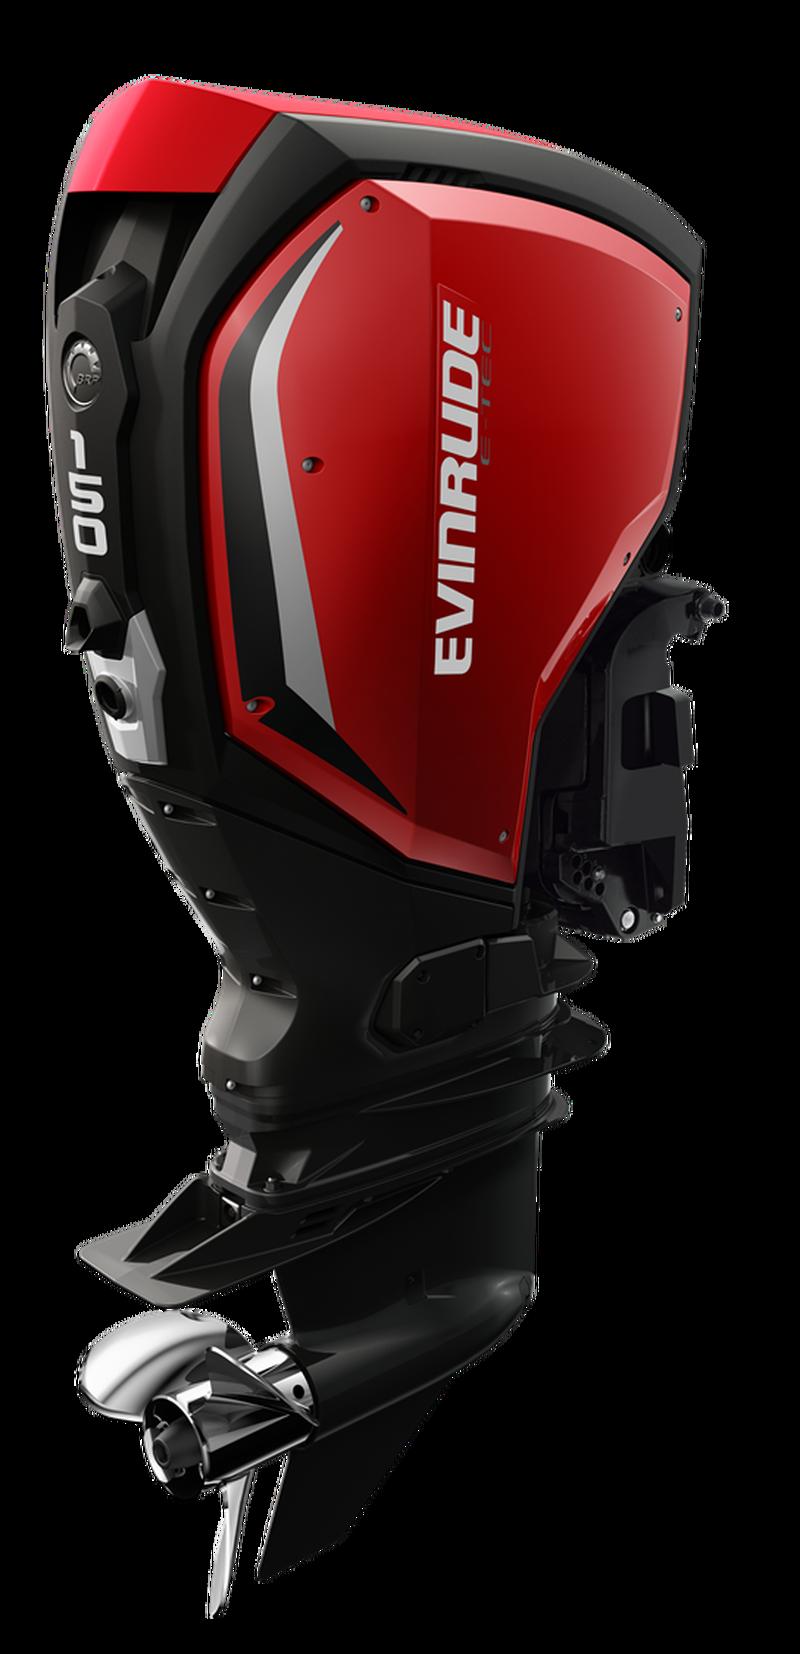 Evinrude G2 150 - 3 cilinder - Novost 2020